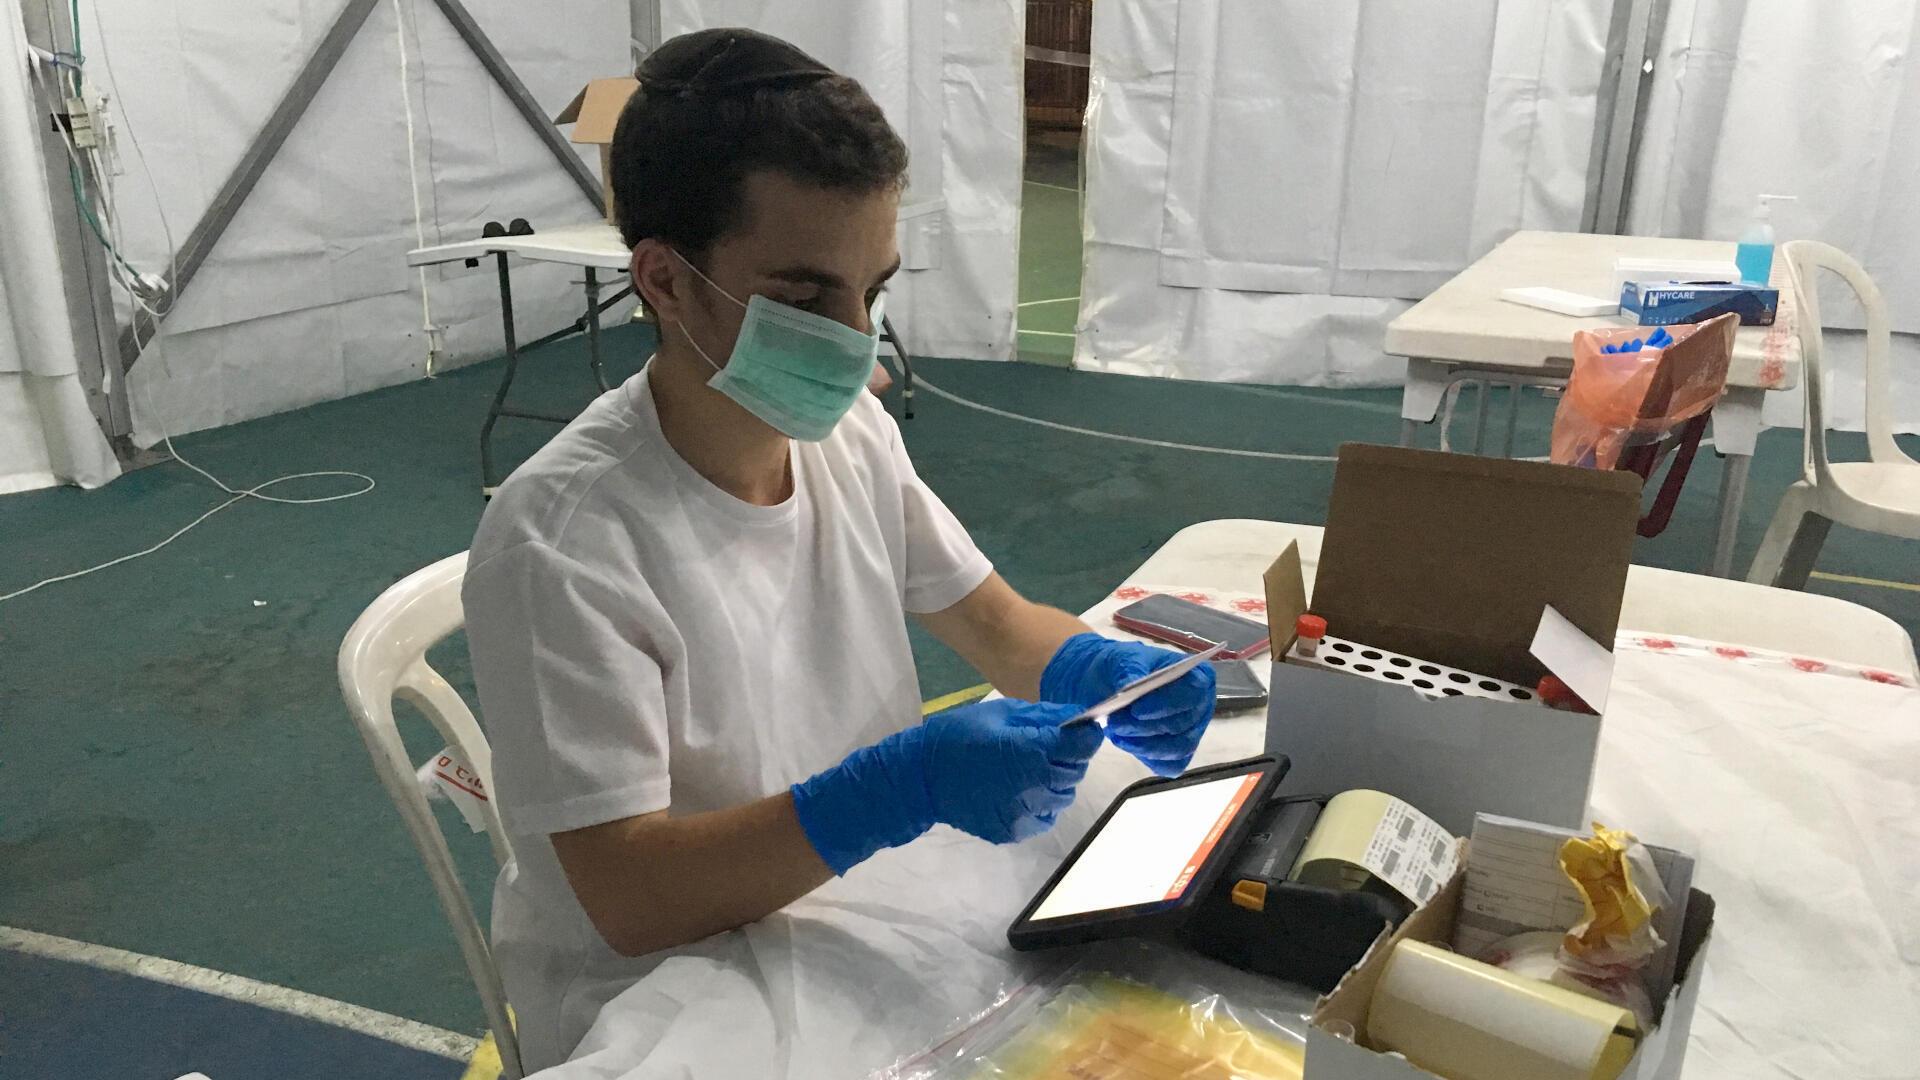 """Sous une tente installée dans le sud de Tel-Aviv, Magen David Adom (""""l'Étoile rouge de David""""), les services israéliens de secours - ont ouvert un centre de dépistage du coronavirus destiné essentiellement aux migrants et demandeurs d'asile."""